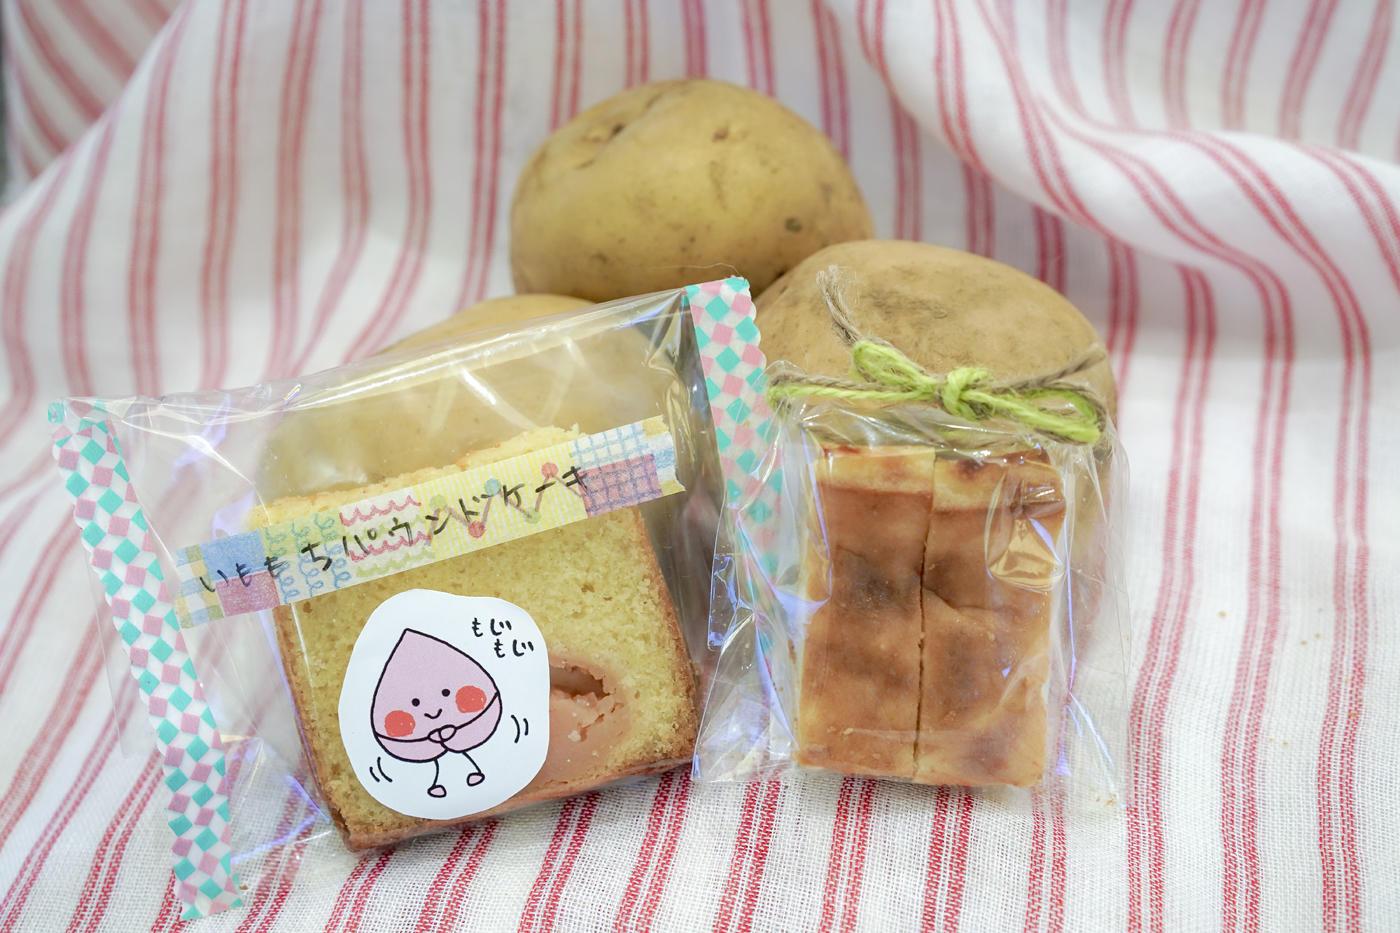 成蹊大学の学生が栽培から関わり発案・製造したじゃがいものケーキを「吉祥寺駅フェスタ」で販売 -- 武蔵野市と土浦市の地域活性化につなげる